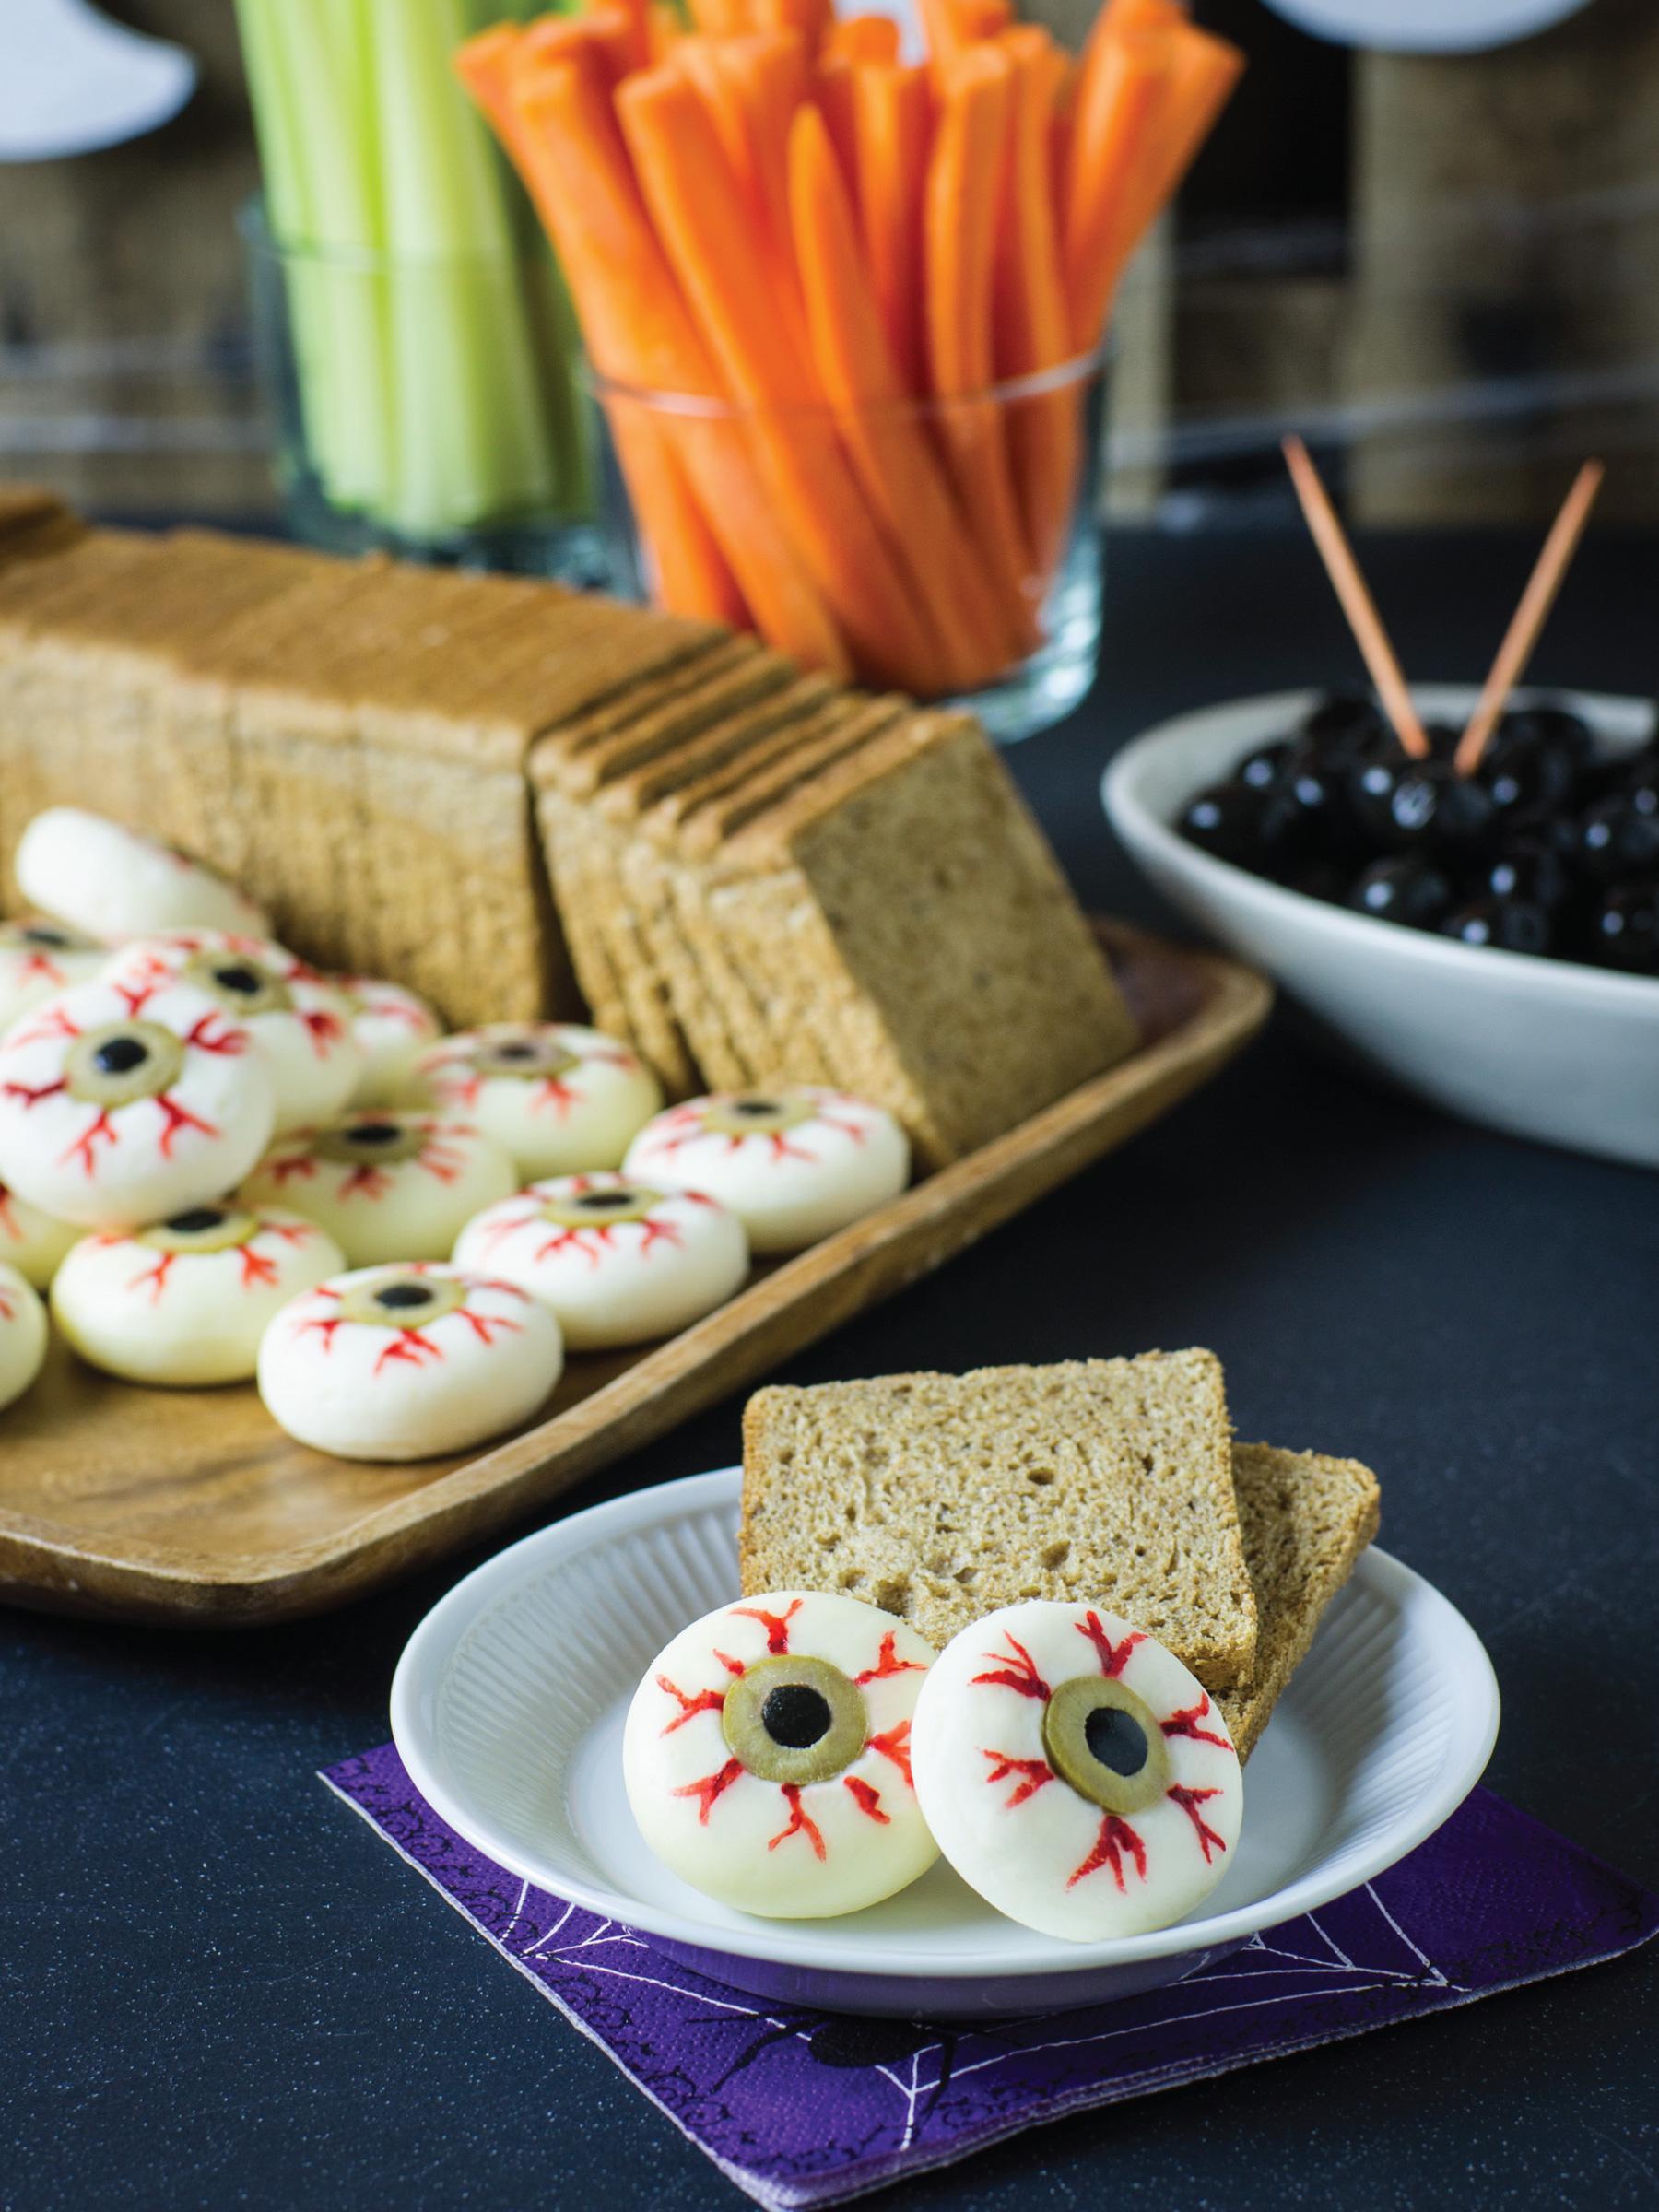 Cheesy Eyeballs by Sam Henderson of Today's Nest for HGTV